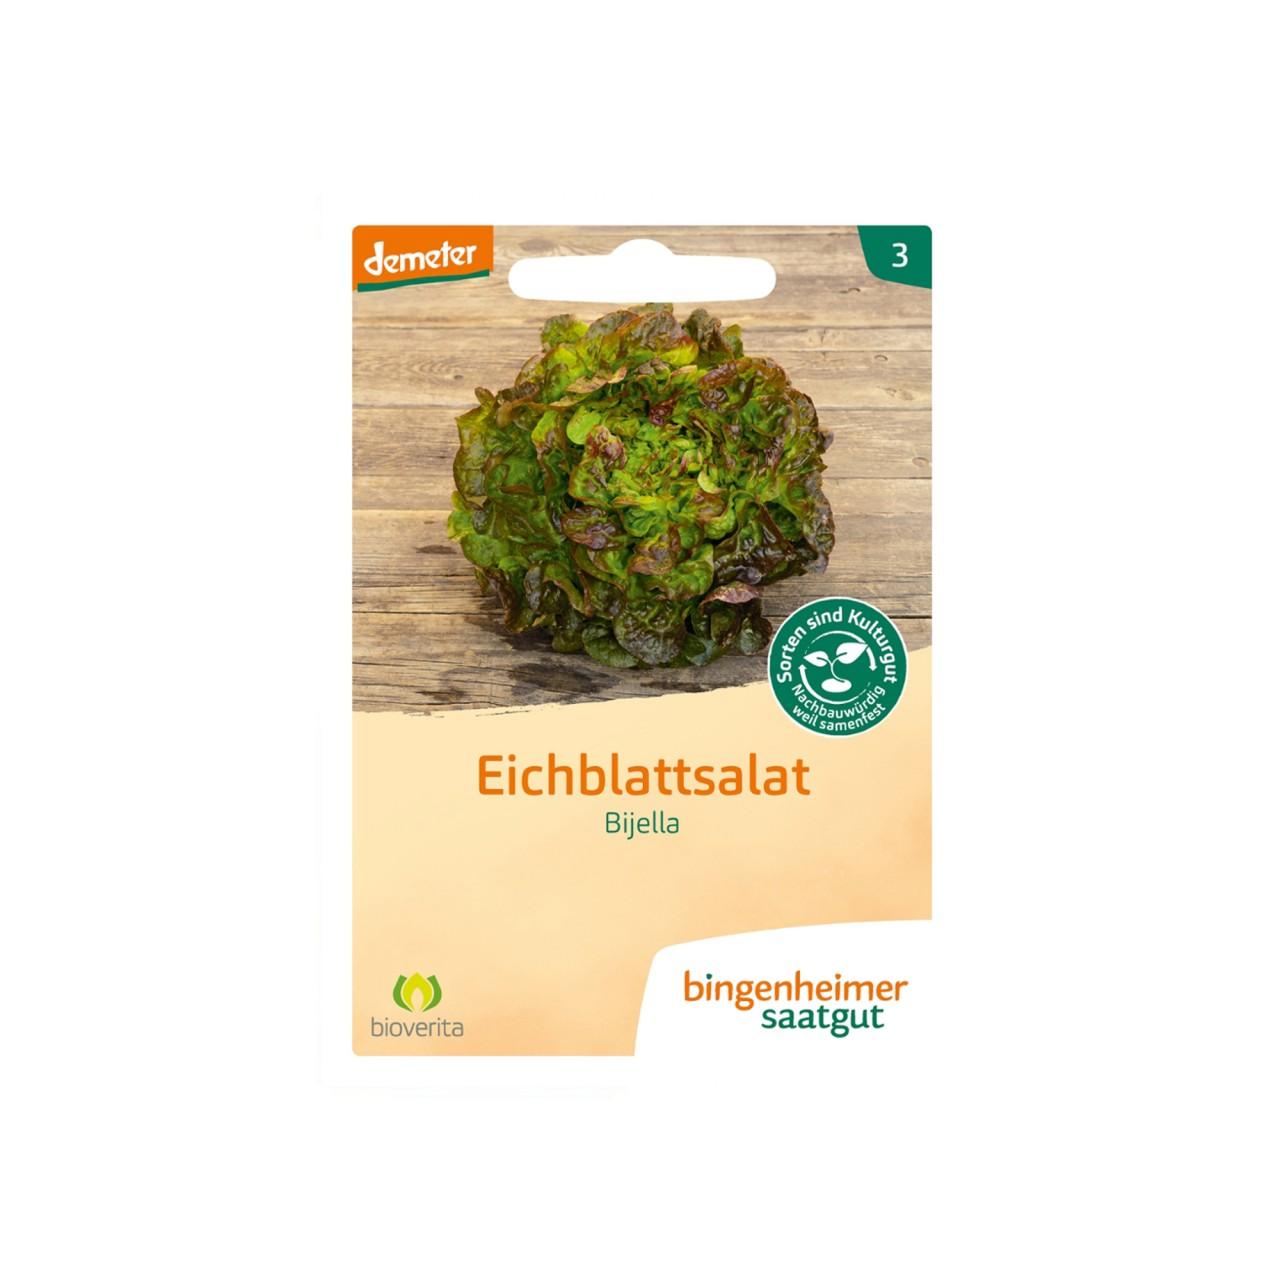 Demeter Eichblattsalat Bijella